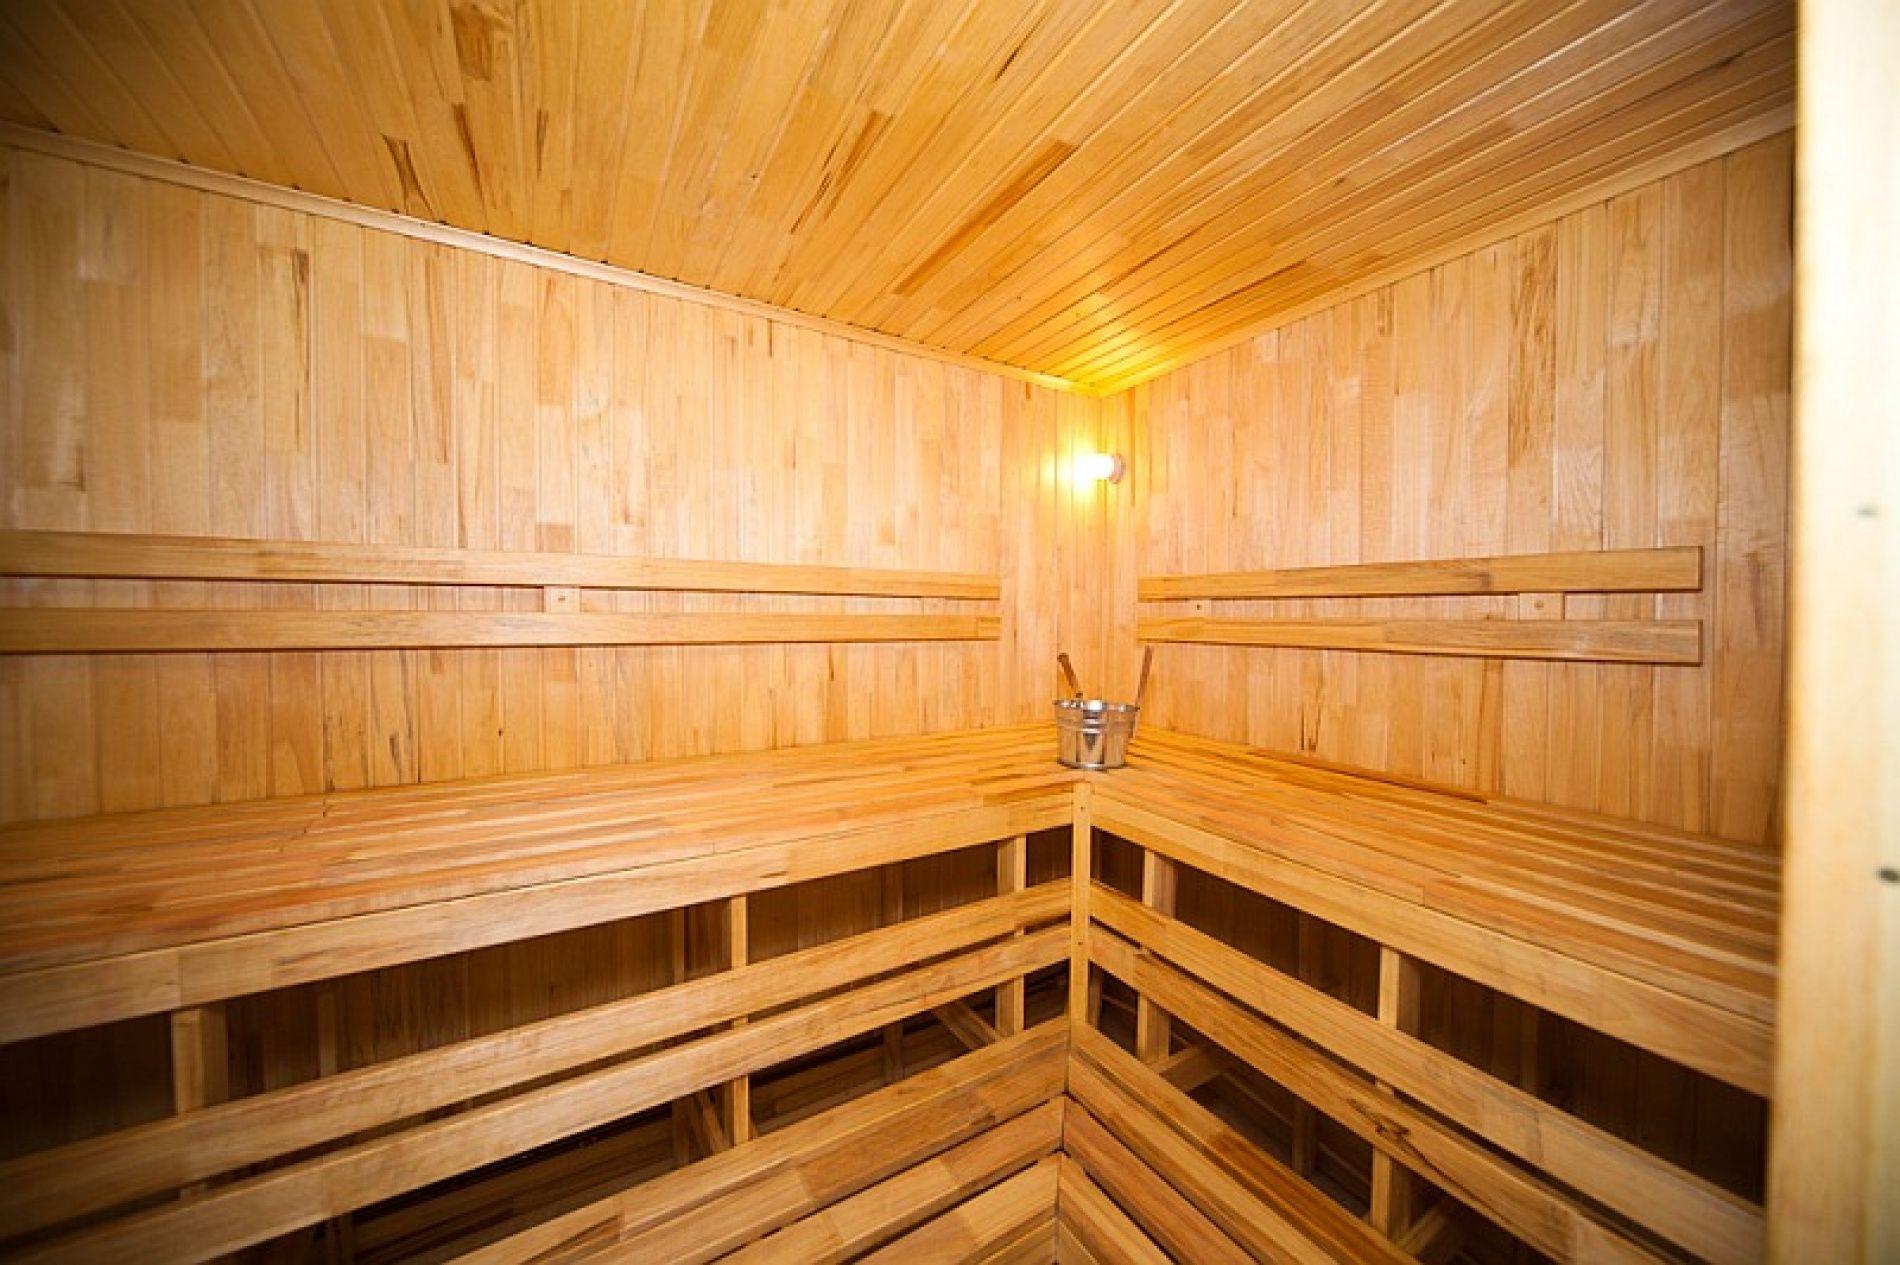 Коттеджный комплекс «Ширли-мырли» Томская область Номер в коттедже № 2, фото 14